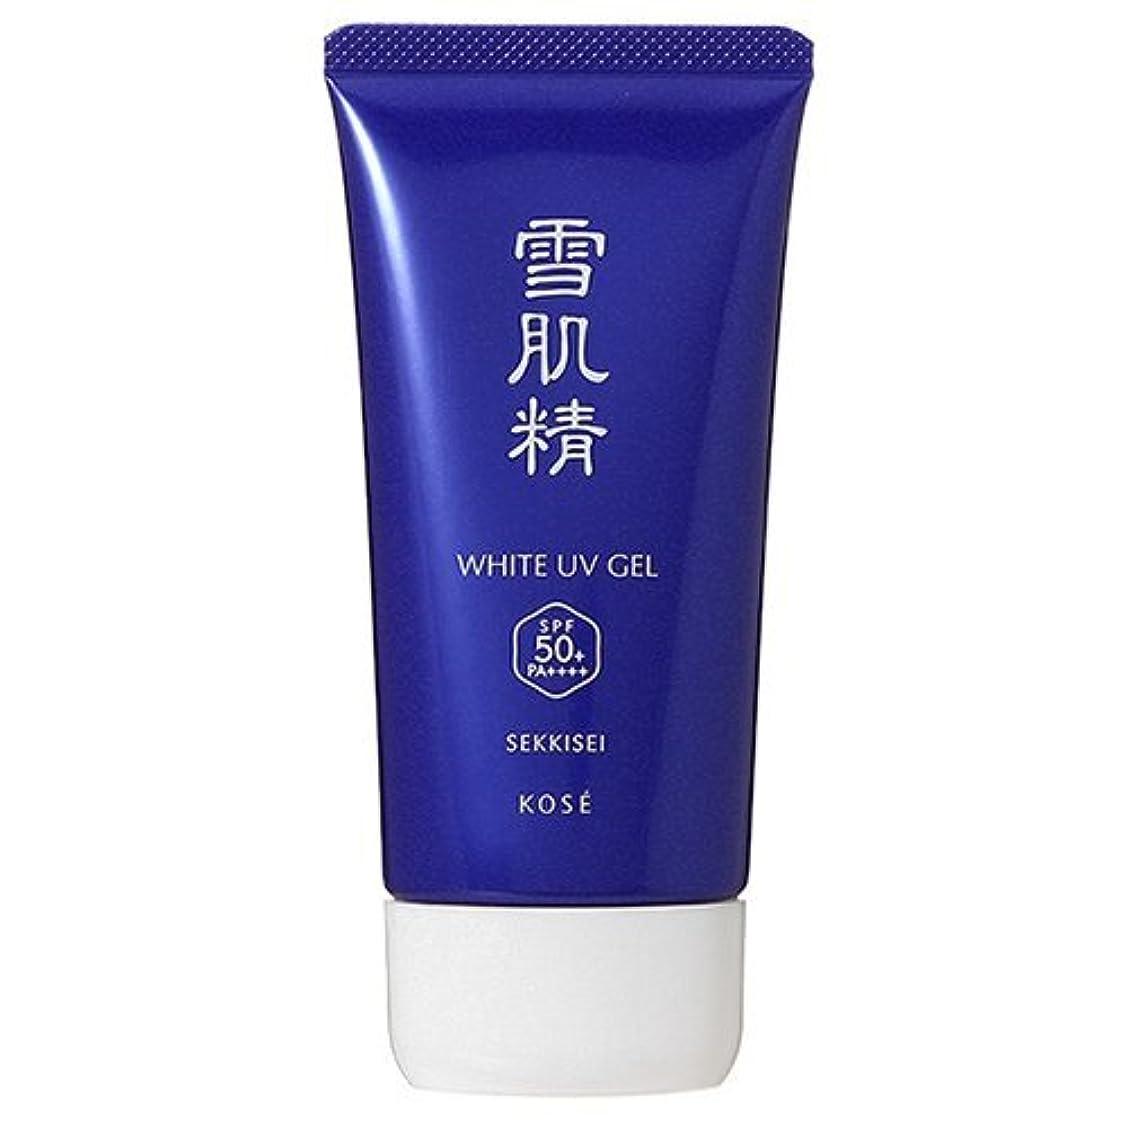 住むキャラクター石膏コーセー 雪肌精 ホワイト UV ジェル SPF50+/PA++++ 80g